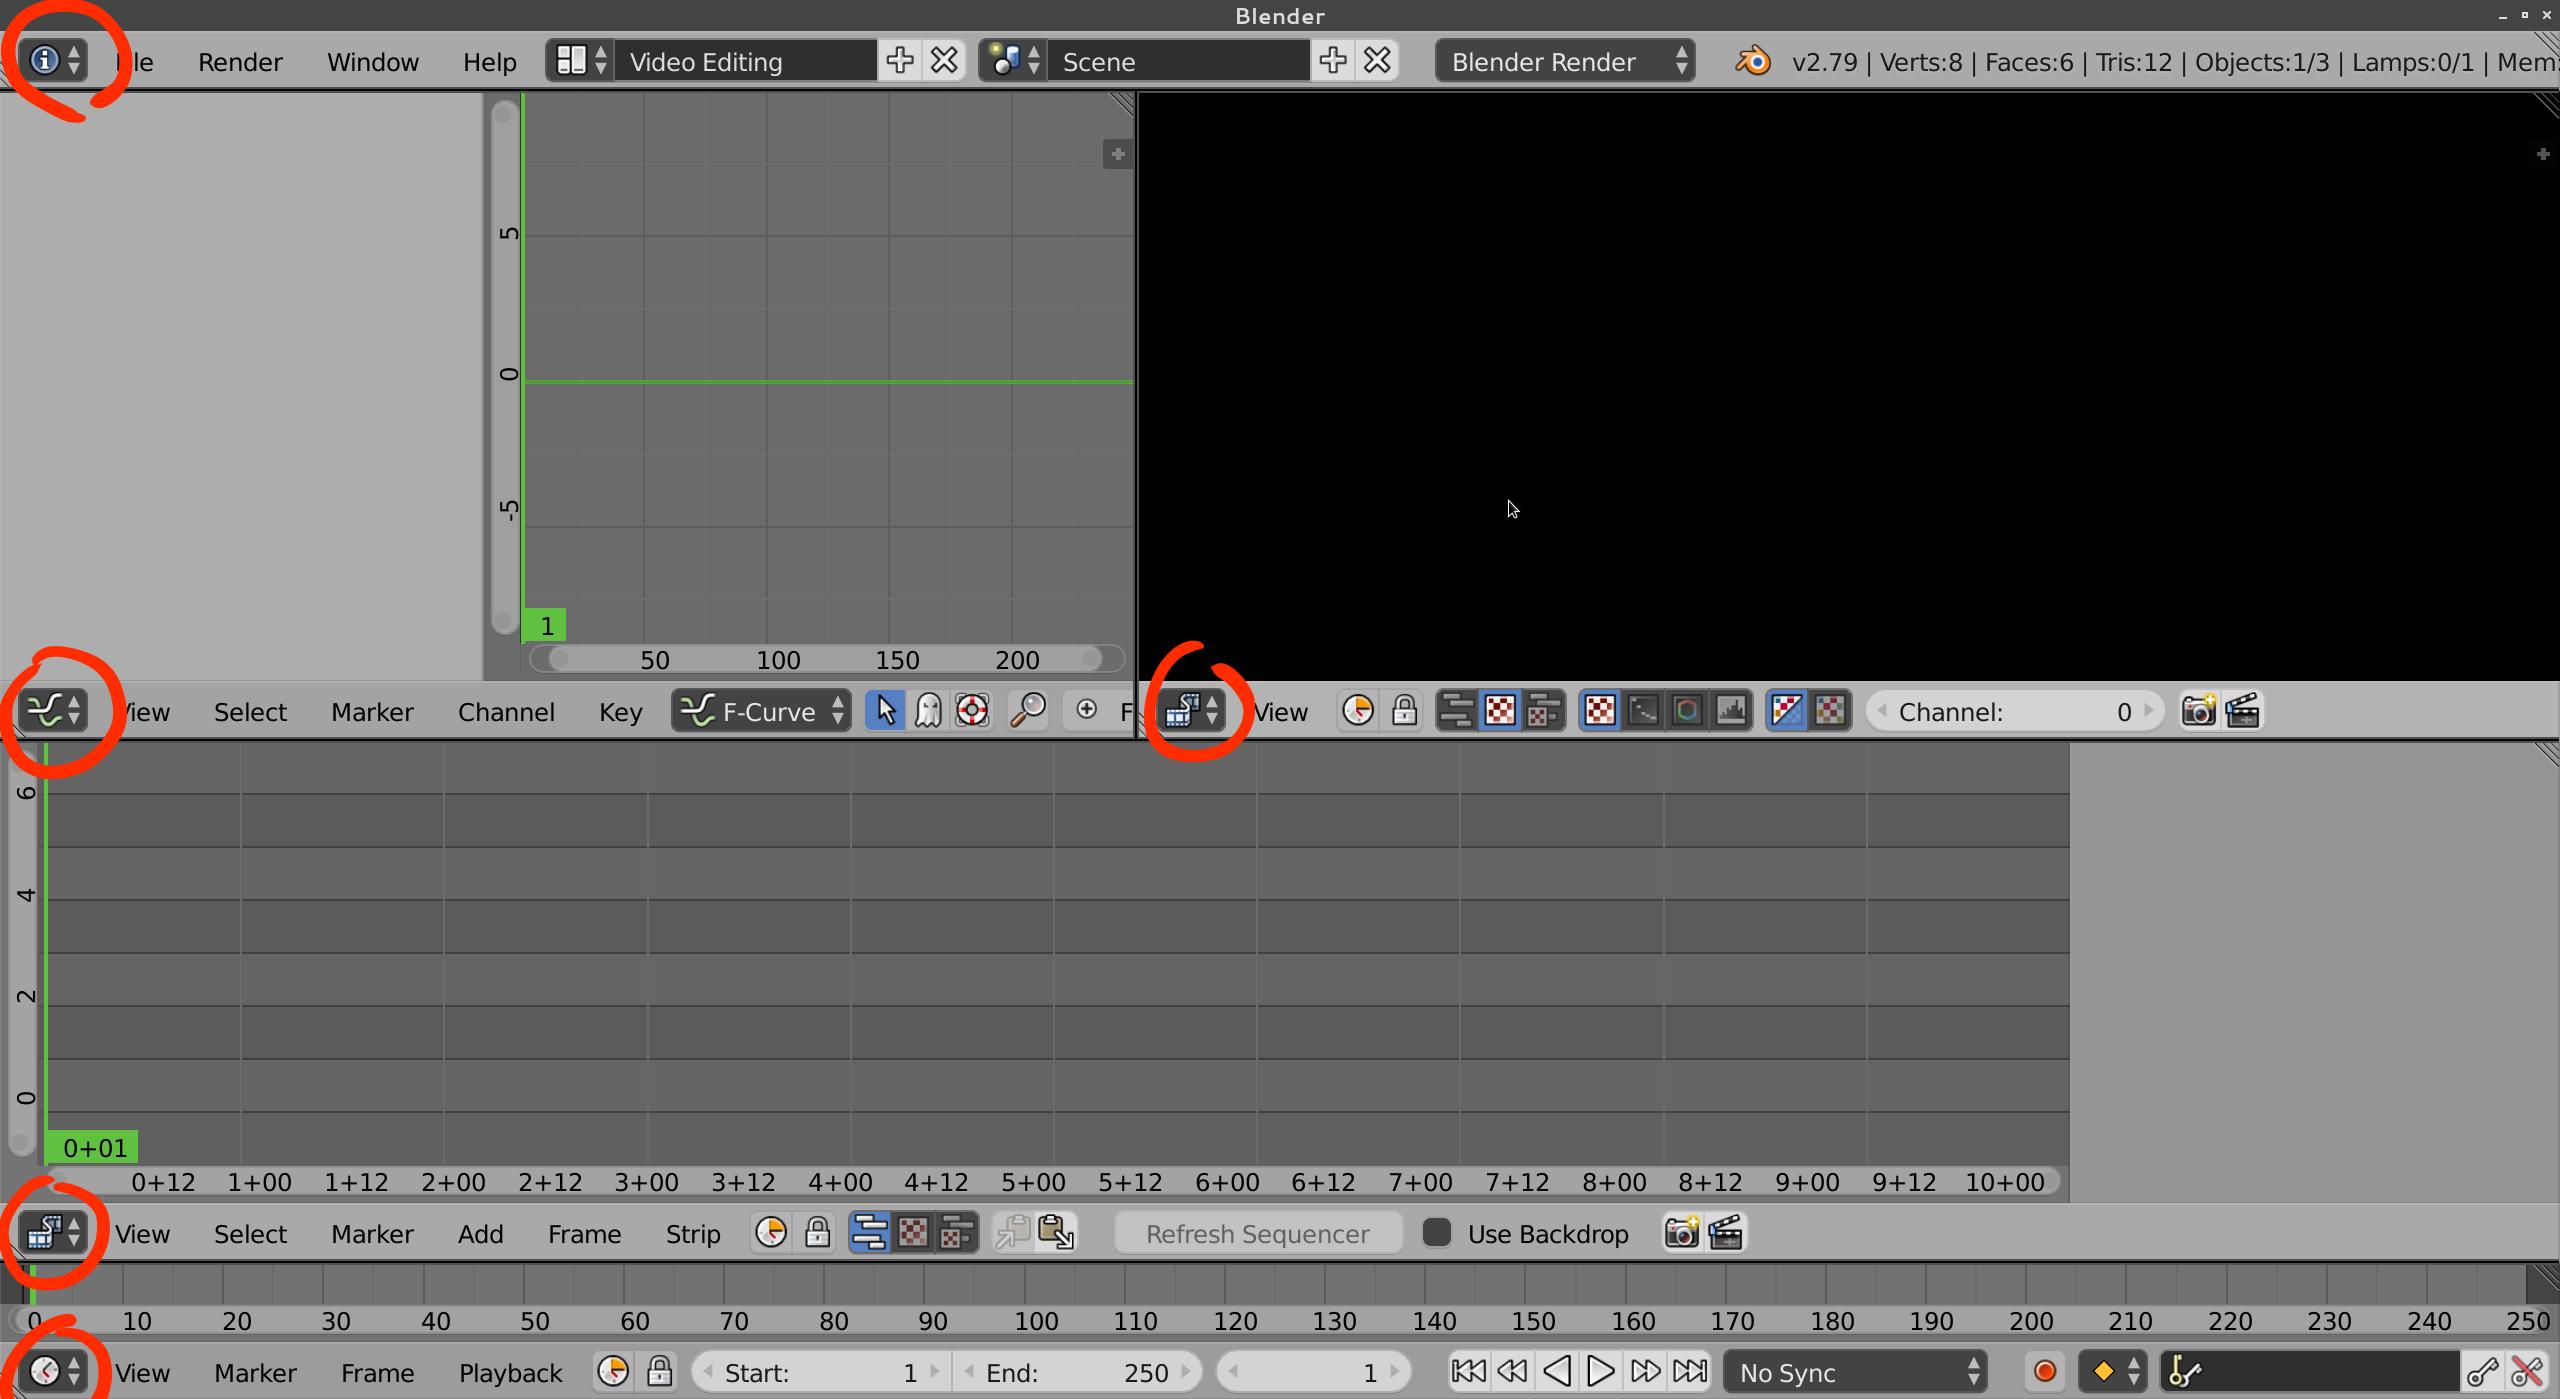 Comment donner une vidéo de travail de coup